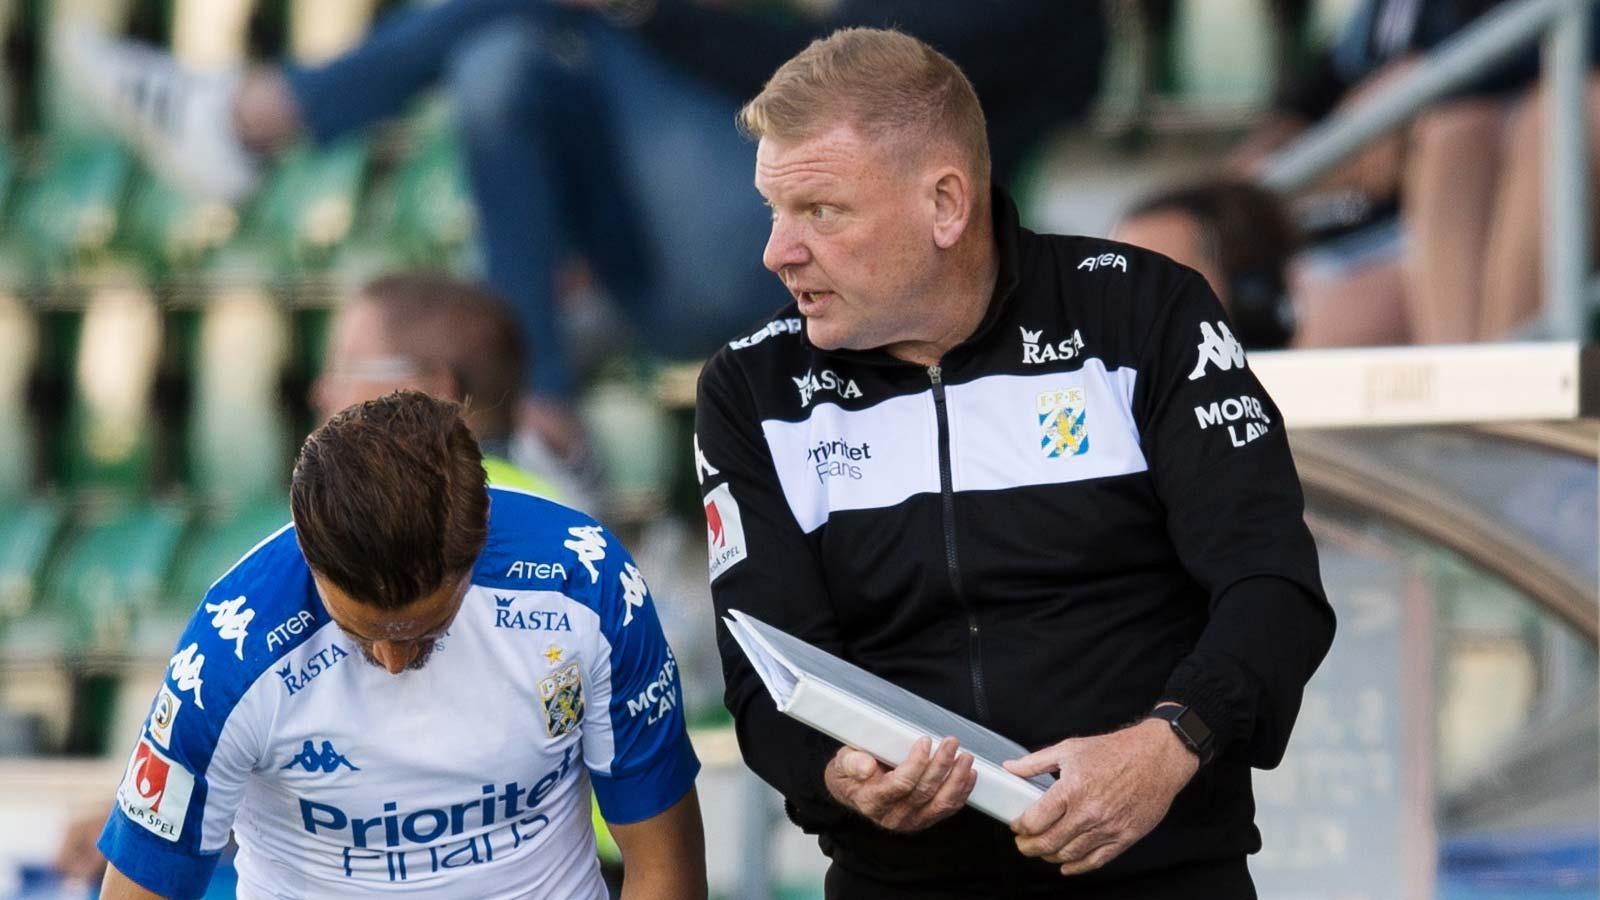 180527 IFK Göteborgs assisterande tränare Alf Westerberg, Amin Affane under fotbollsmatchen i Allsvenskan mellan GIF Sundsvall och IFK Göteborg den 27 maj 2018 i Sundsvall.